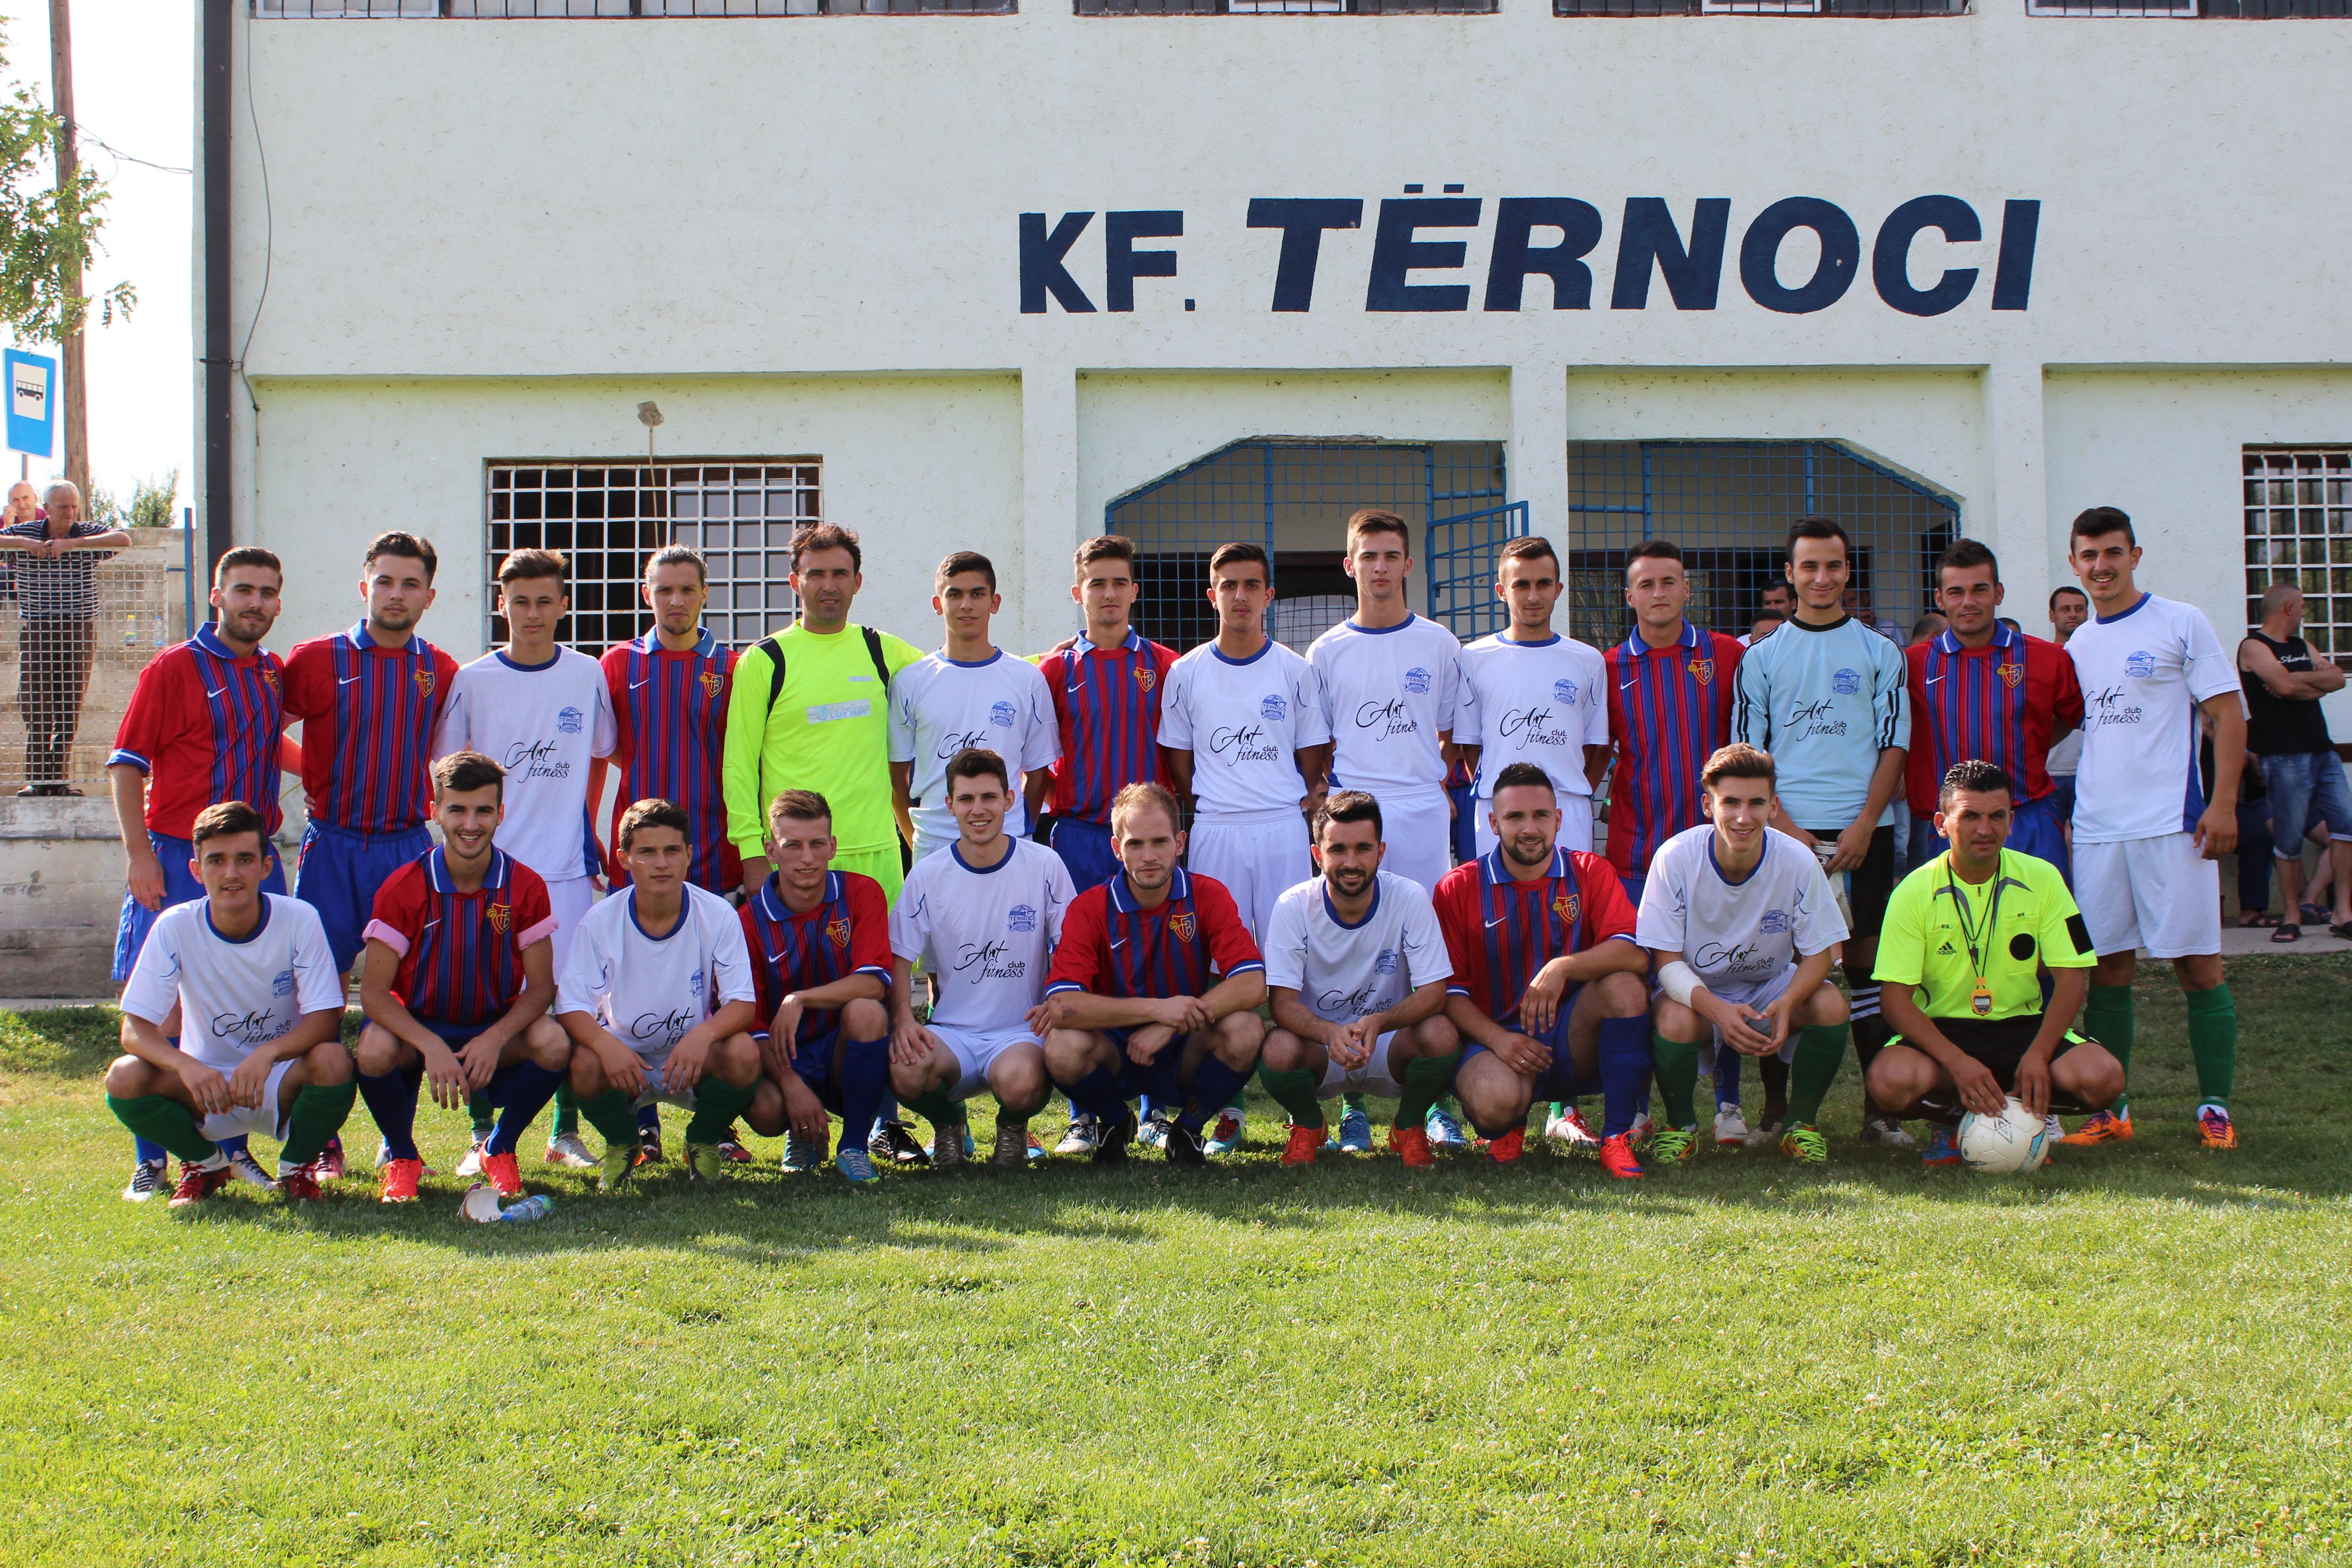 """KF""""Tërnoci"""" ftohet nga Fc """"Kosova Munchen"""" nga Mynheni për ndeshje miqësore"""